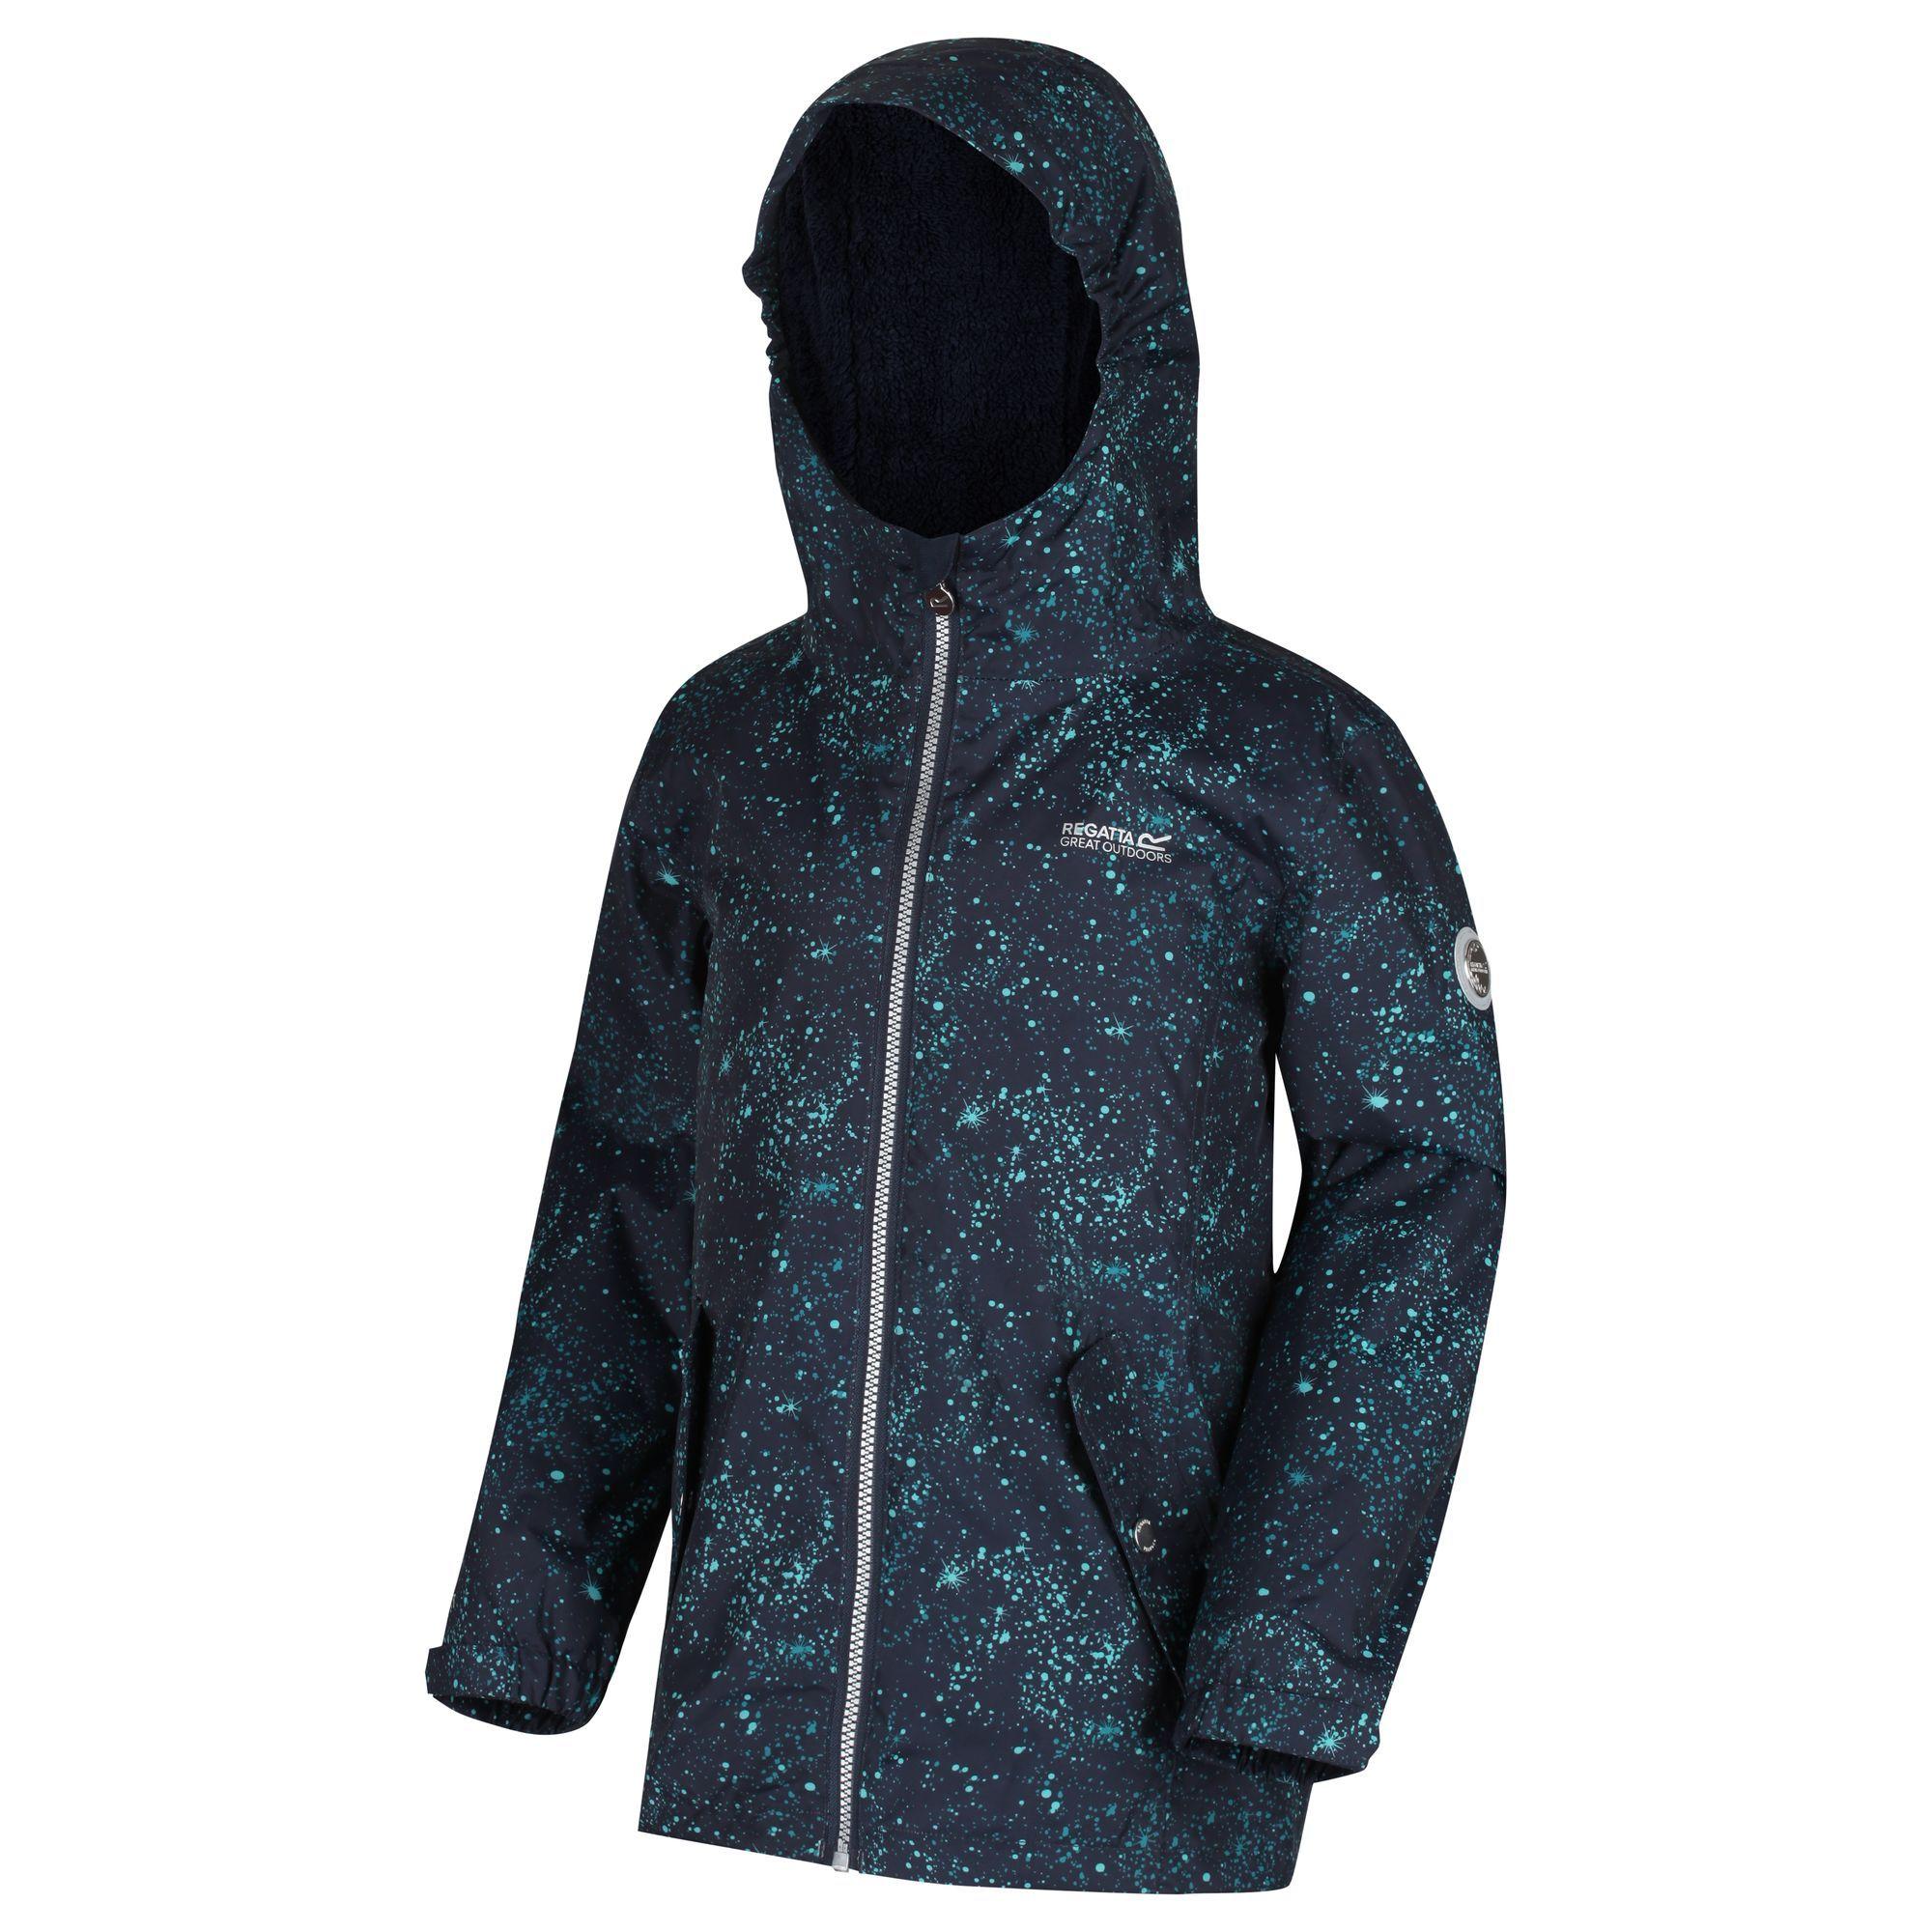 Regatta Childrens/Kids Braylee Printed Waterproof Jacket